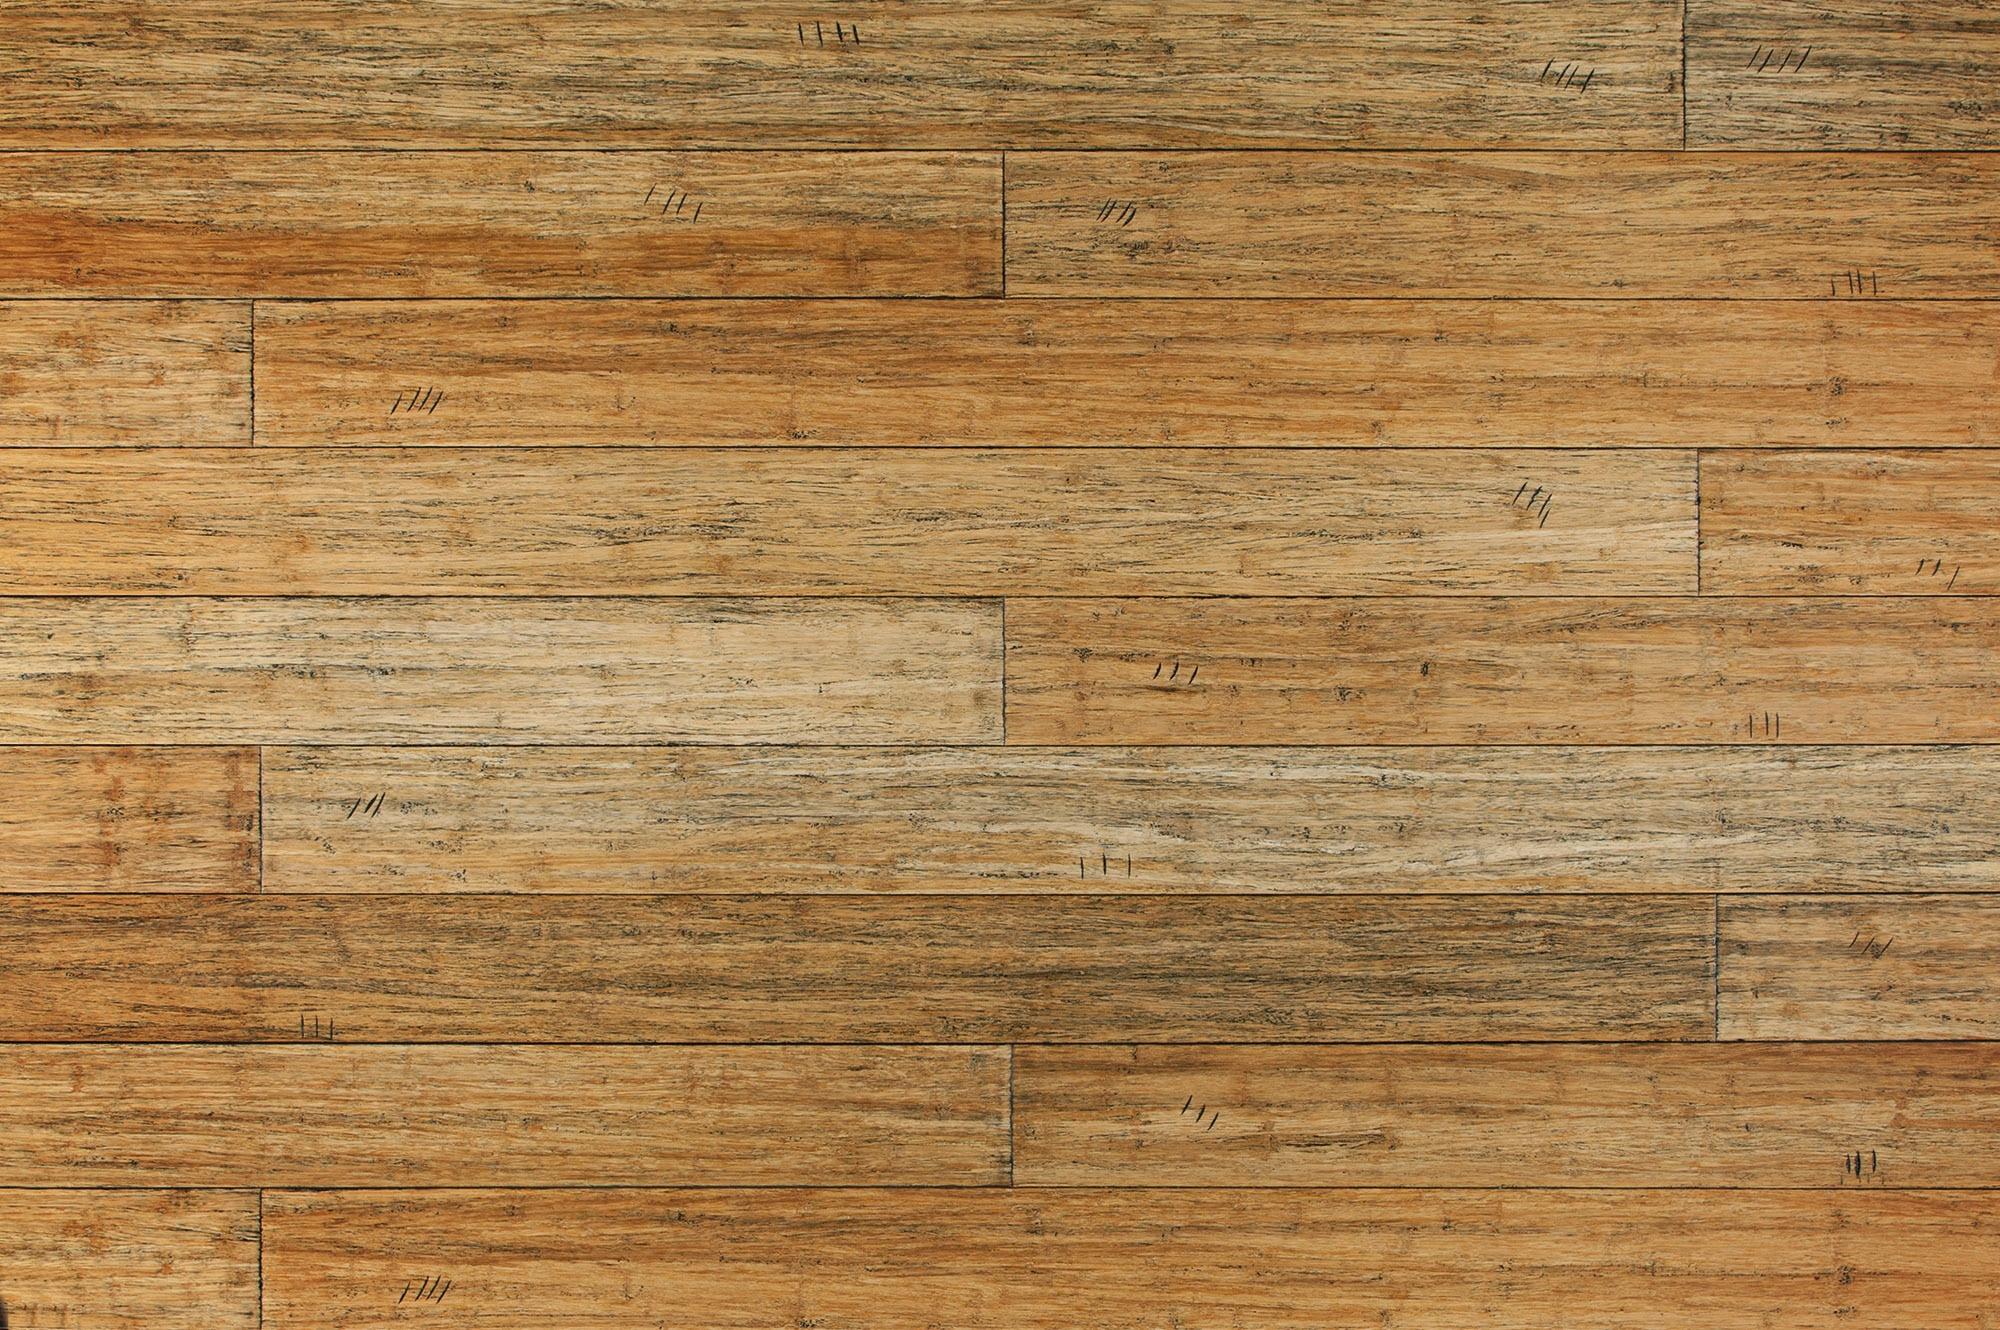 Natural Strand Bamboo : ... Flooring Wood Flooring Bamboo Flooring All Products Antique Natural